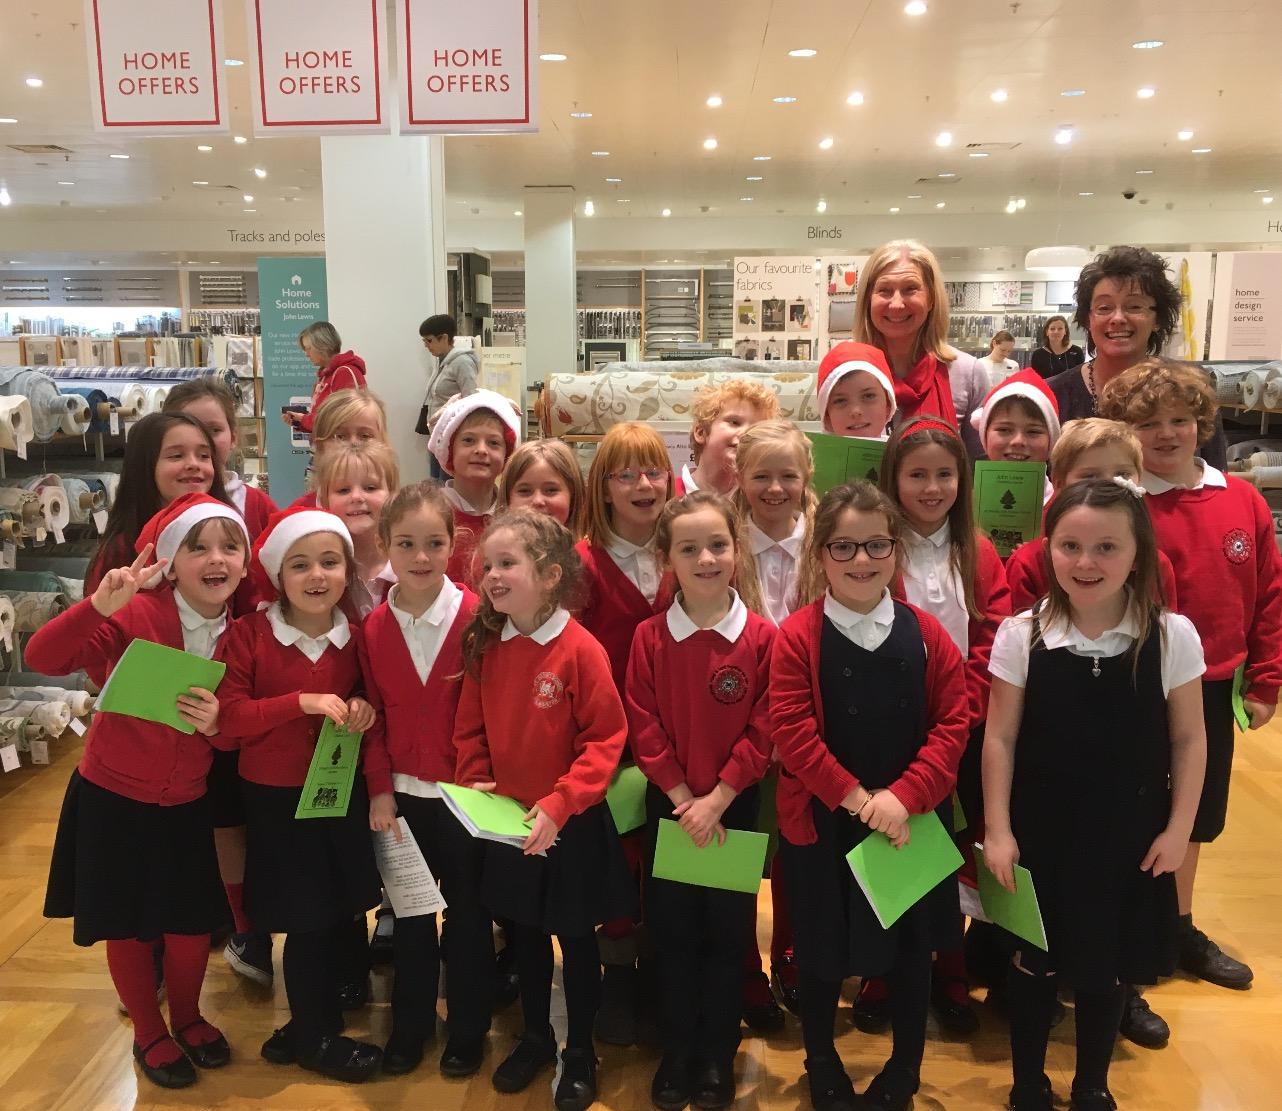 Christmas carols in John Lewis